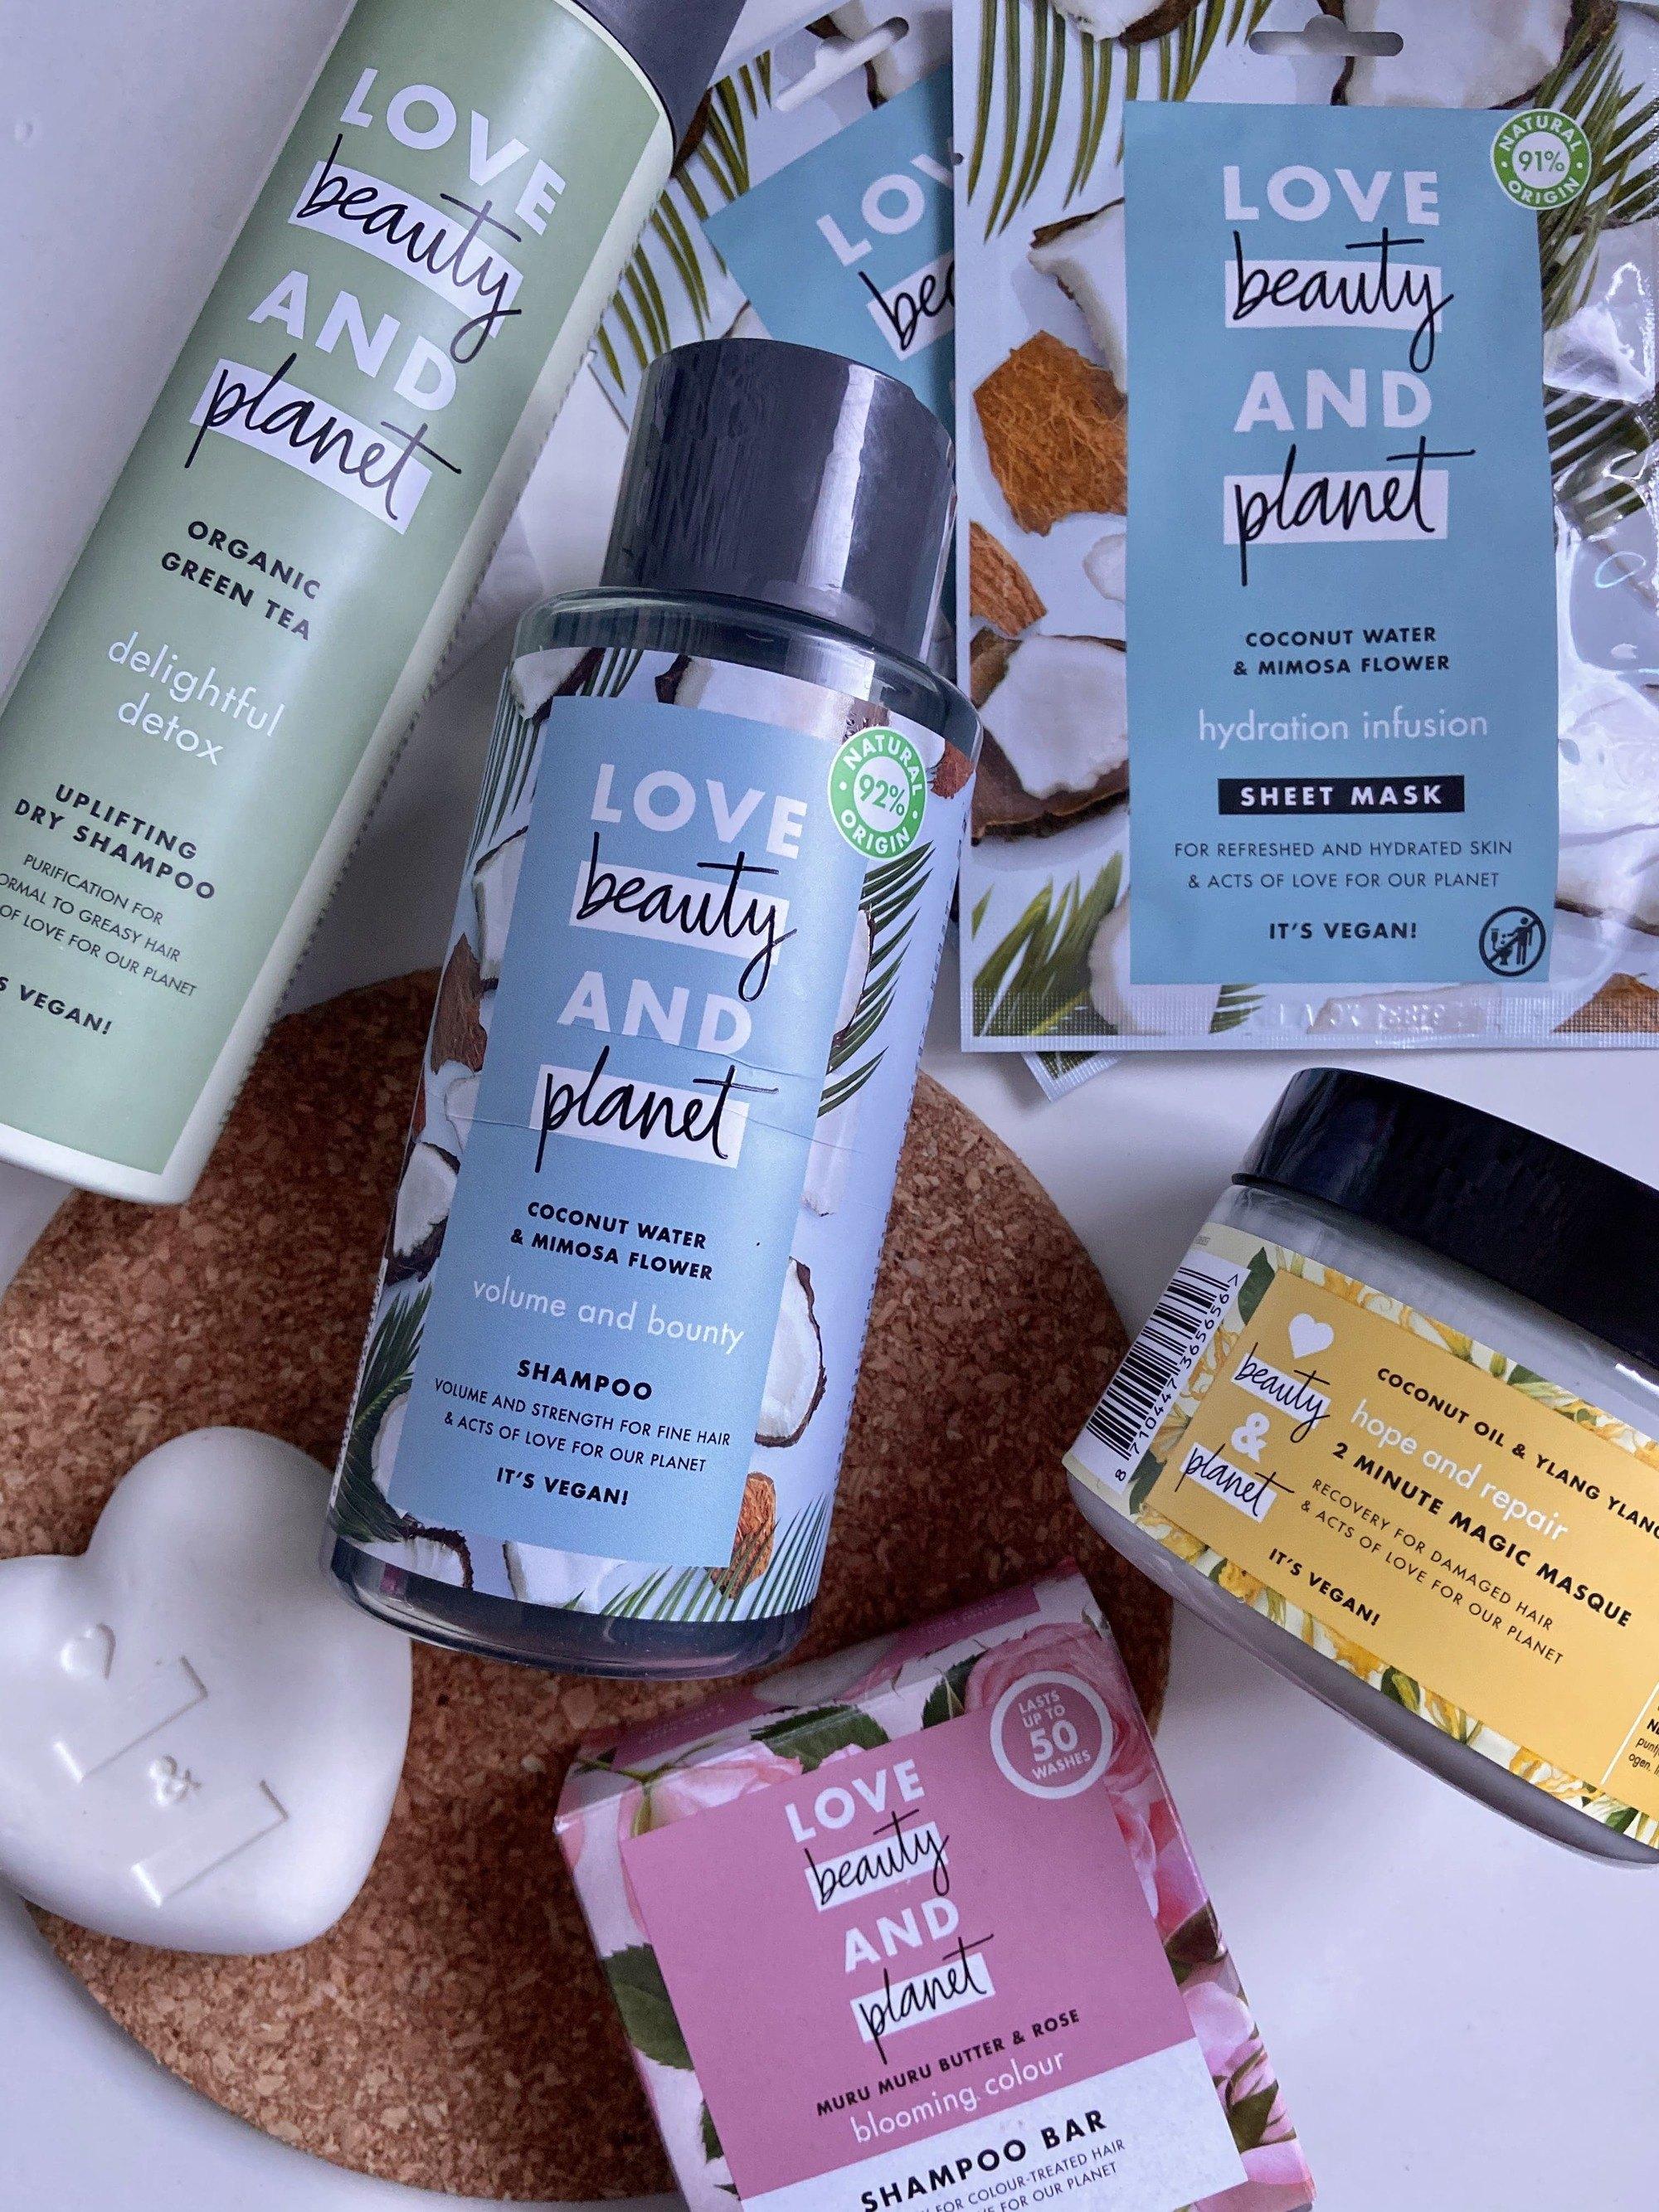 Aimez les produits Beauté et Planète